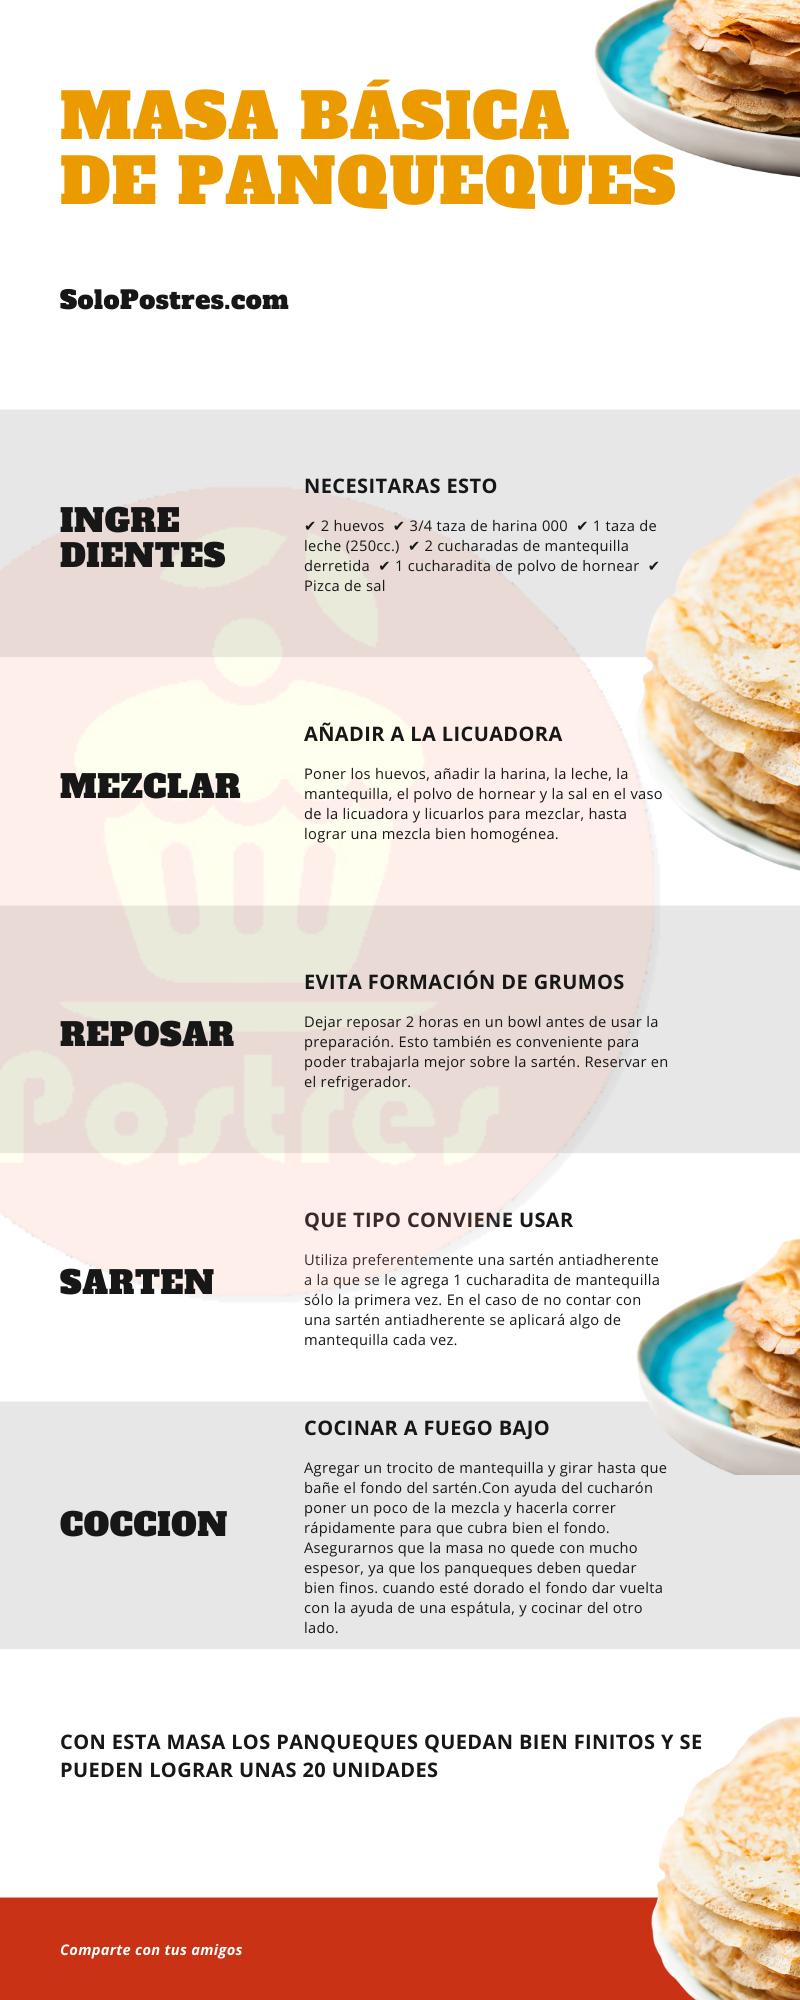 Infografia receta panqueques en 5 pasos